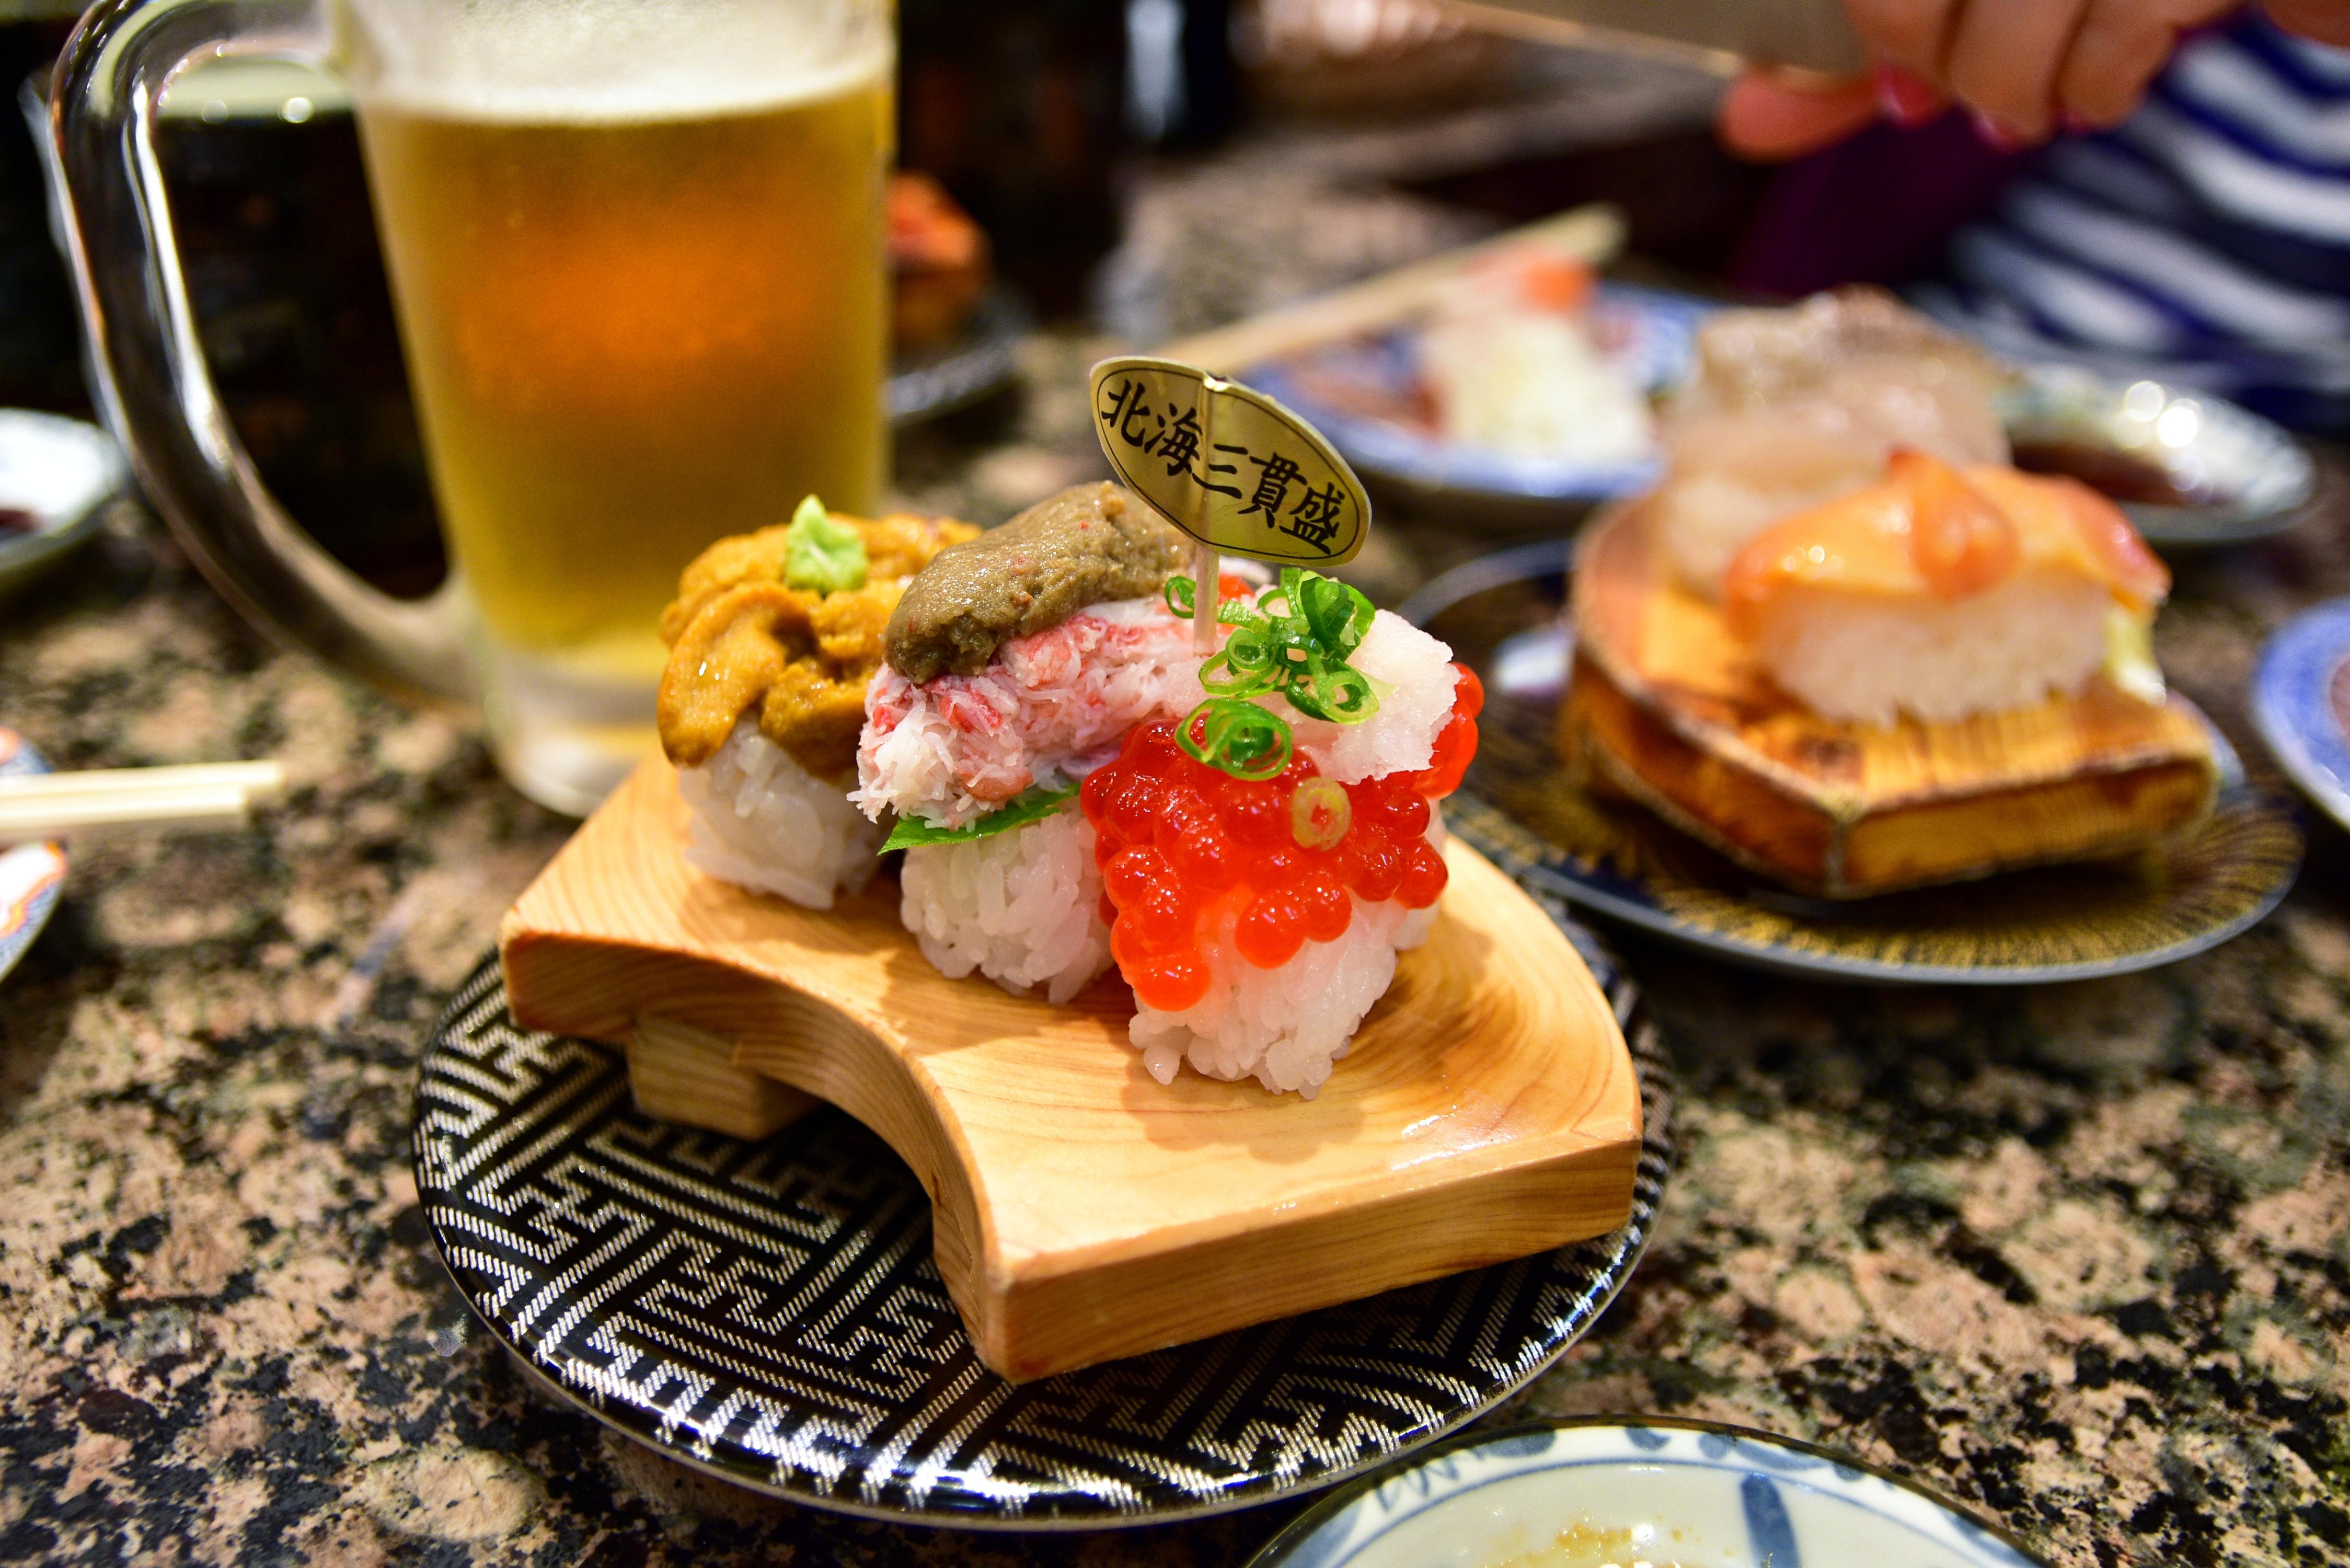 鳥取自由行-北海道三異盛,包括三文魚子、蟹棒連蟹膏及海膽